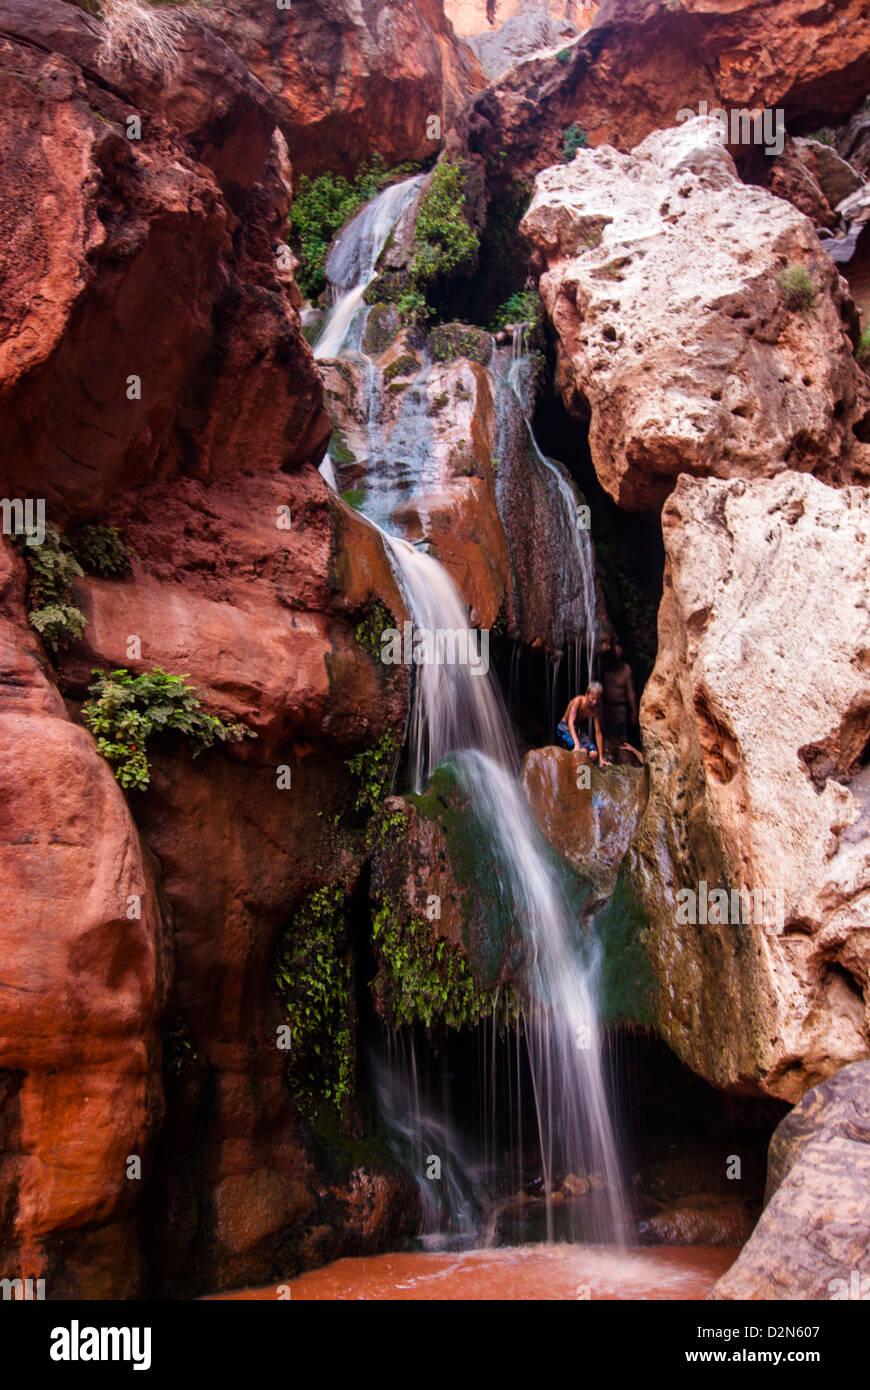 Turista bañarse en una cascada, visto mientras el rafting por el Río Colorado, el Gran Cañón, Imagen De Stock